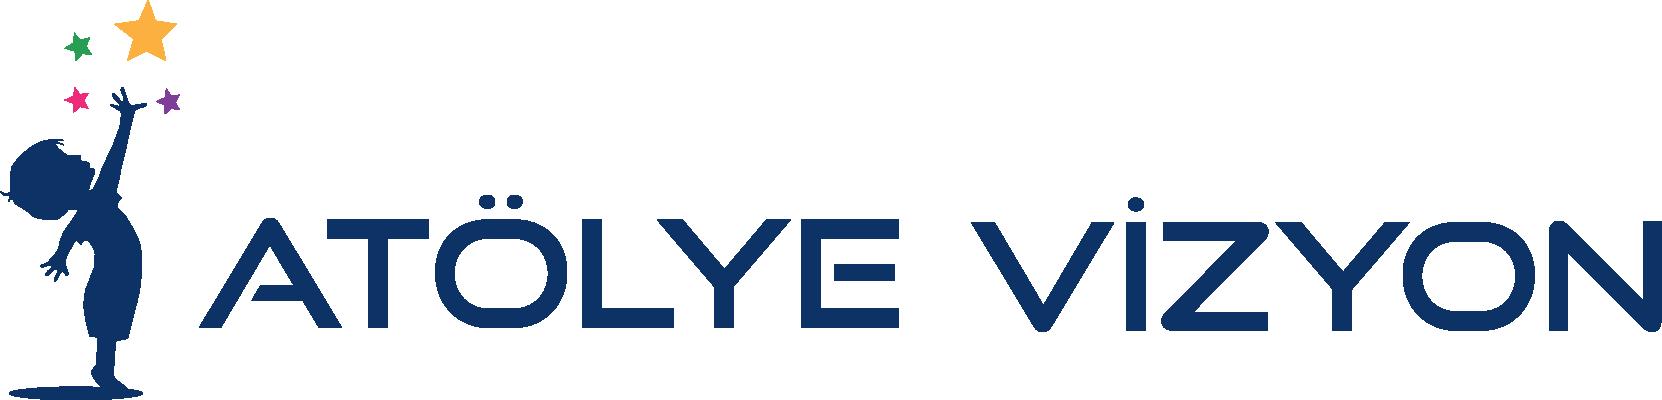 Atölye Vizyon logo